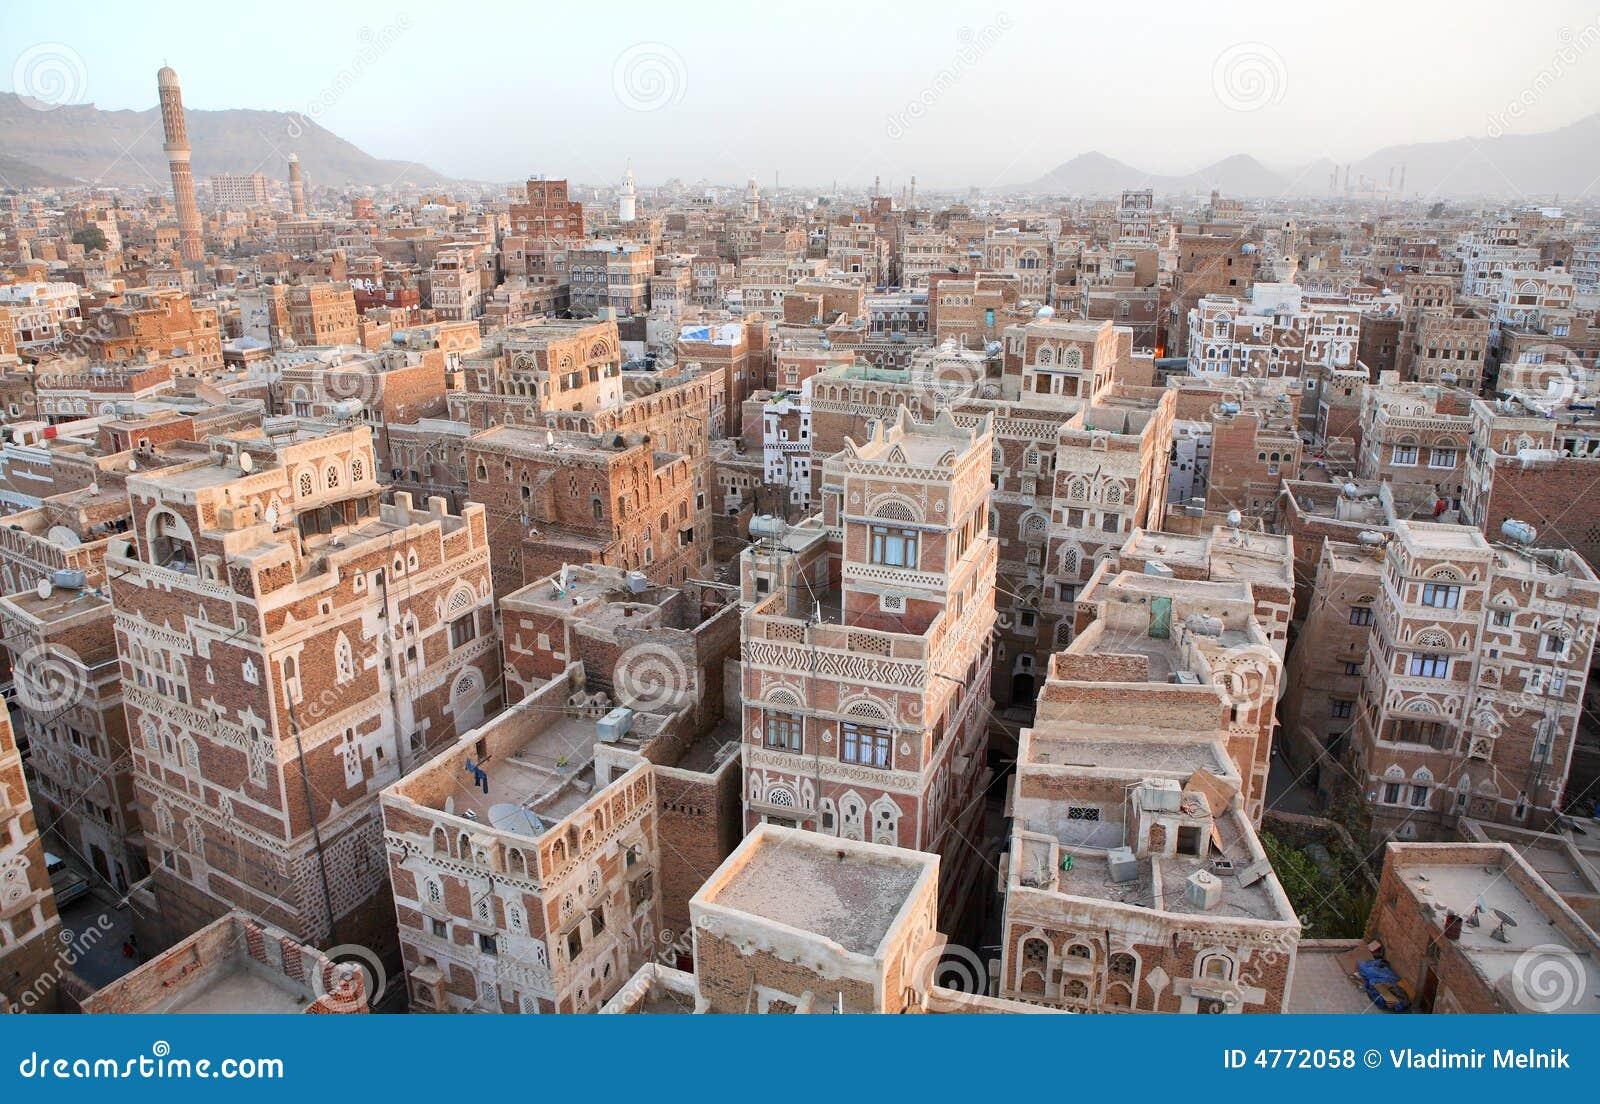 Old Sanaa buildings